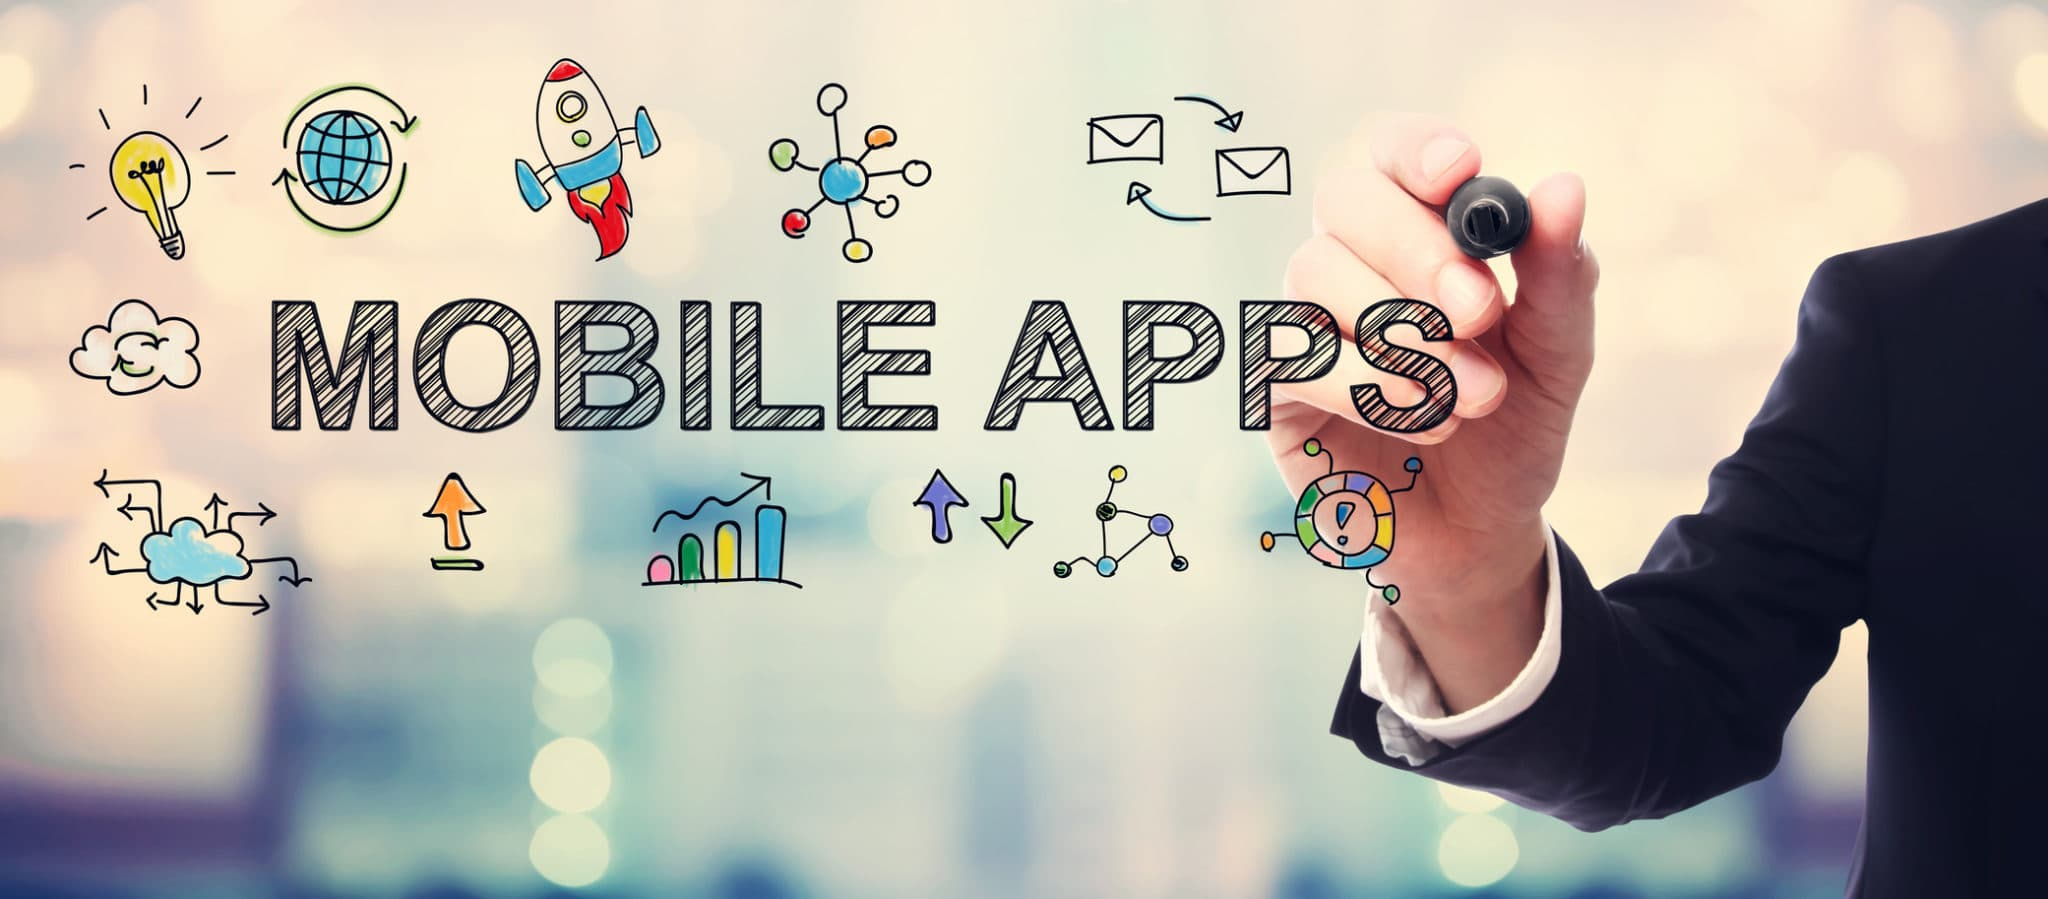 Projektowanie aplikacji mobilnych 11 kluczowych zasad